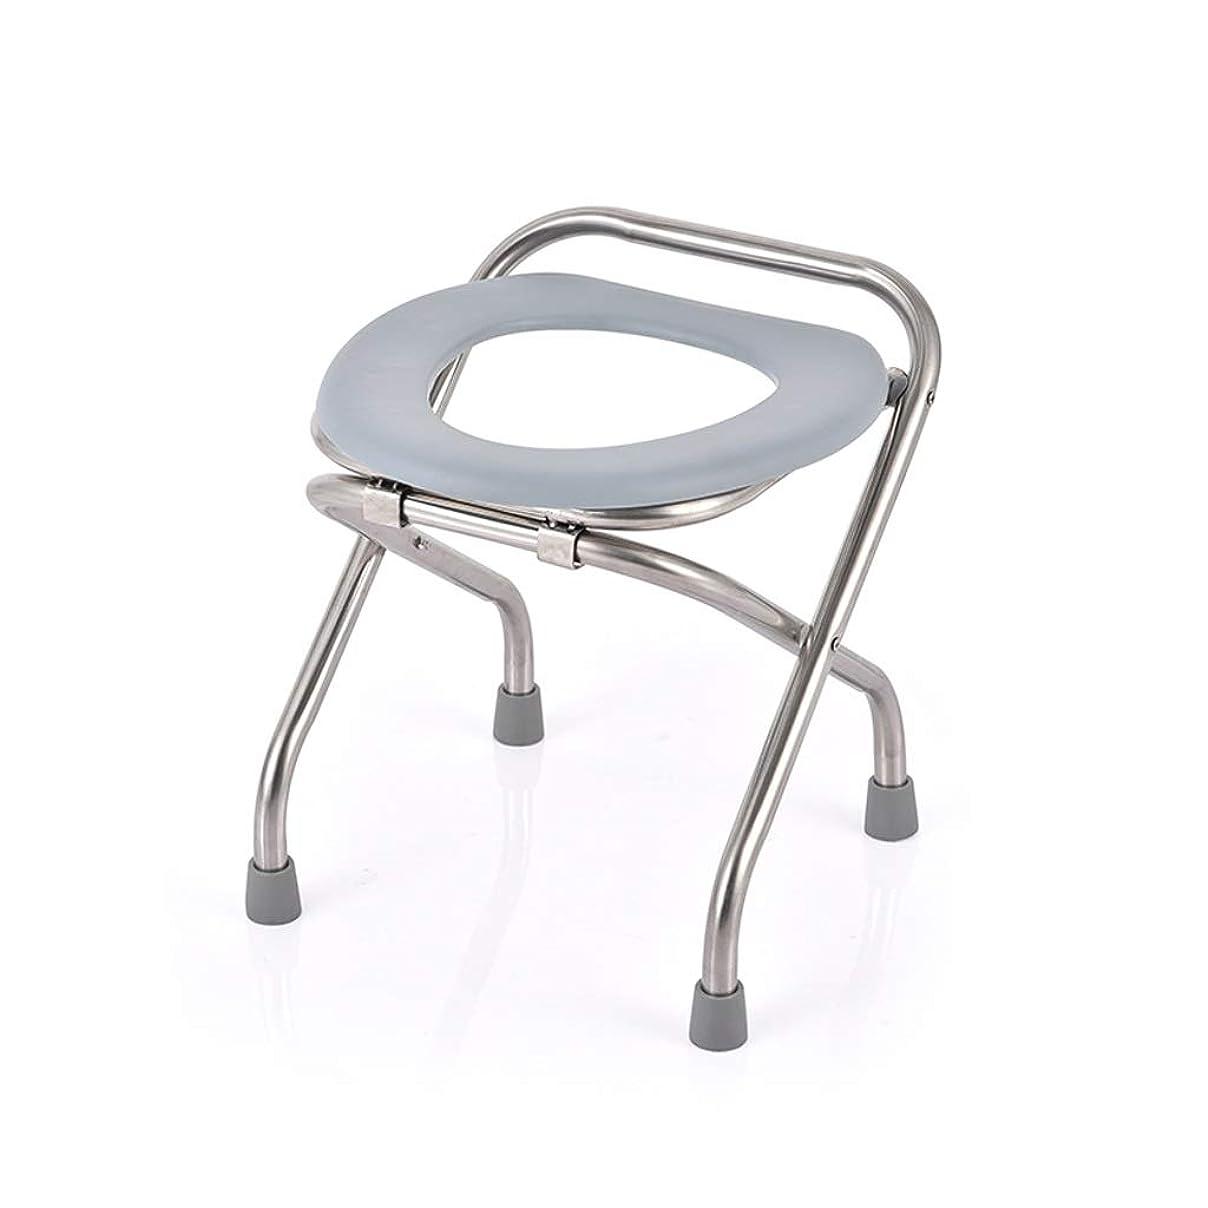 溶融ムス一般浴室のシャワーチェア お風呂 椅子 したステンレス製高齢者シャワースツール軽量 シャワースツール